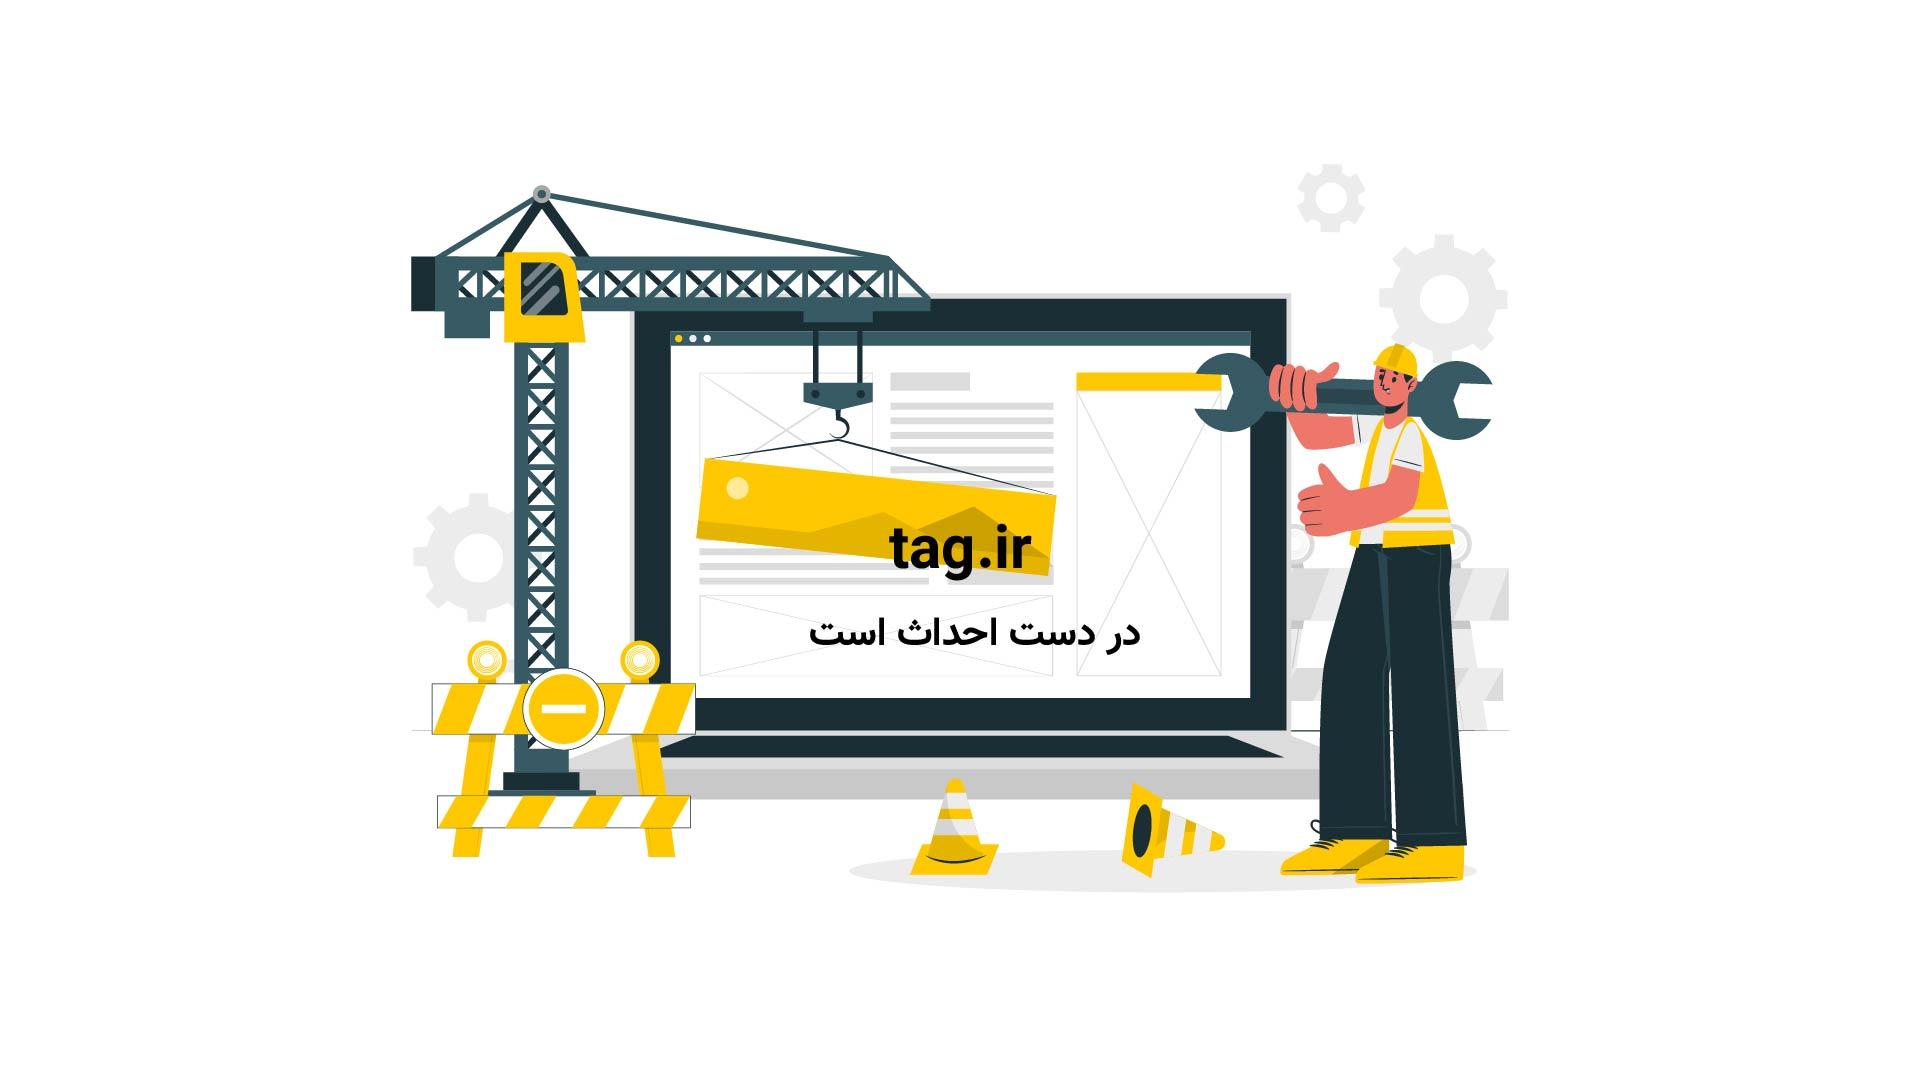 آخرین اخبار از آوار برداری و امداد رسانی در ساختمان پلاسکو   فیلم